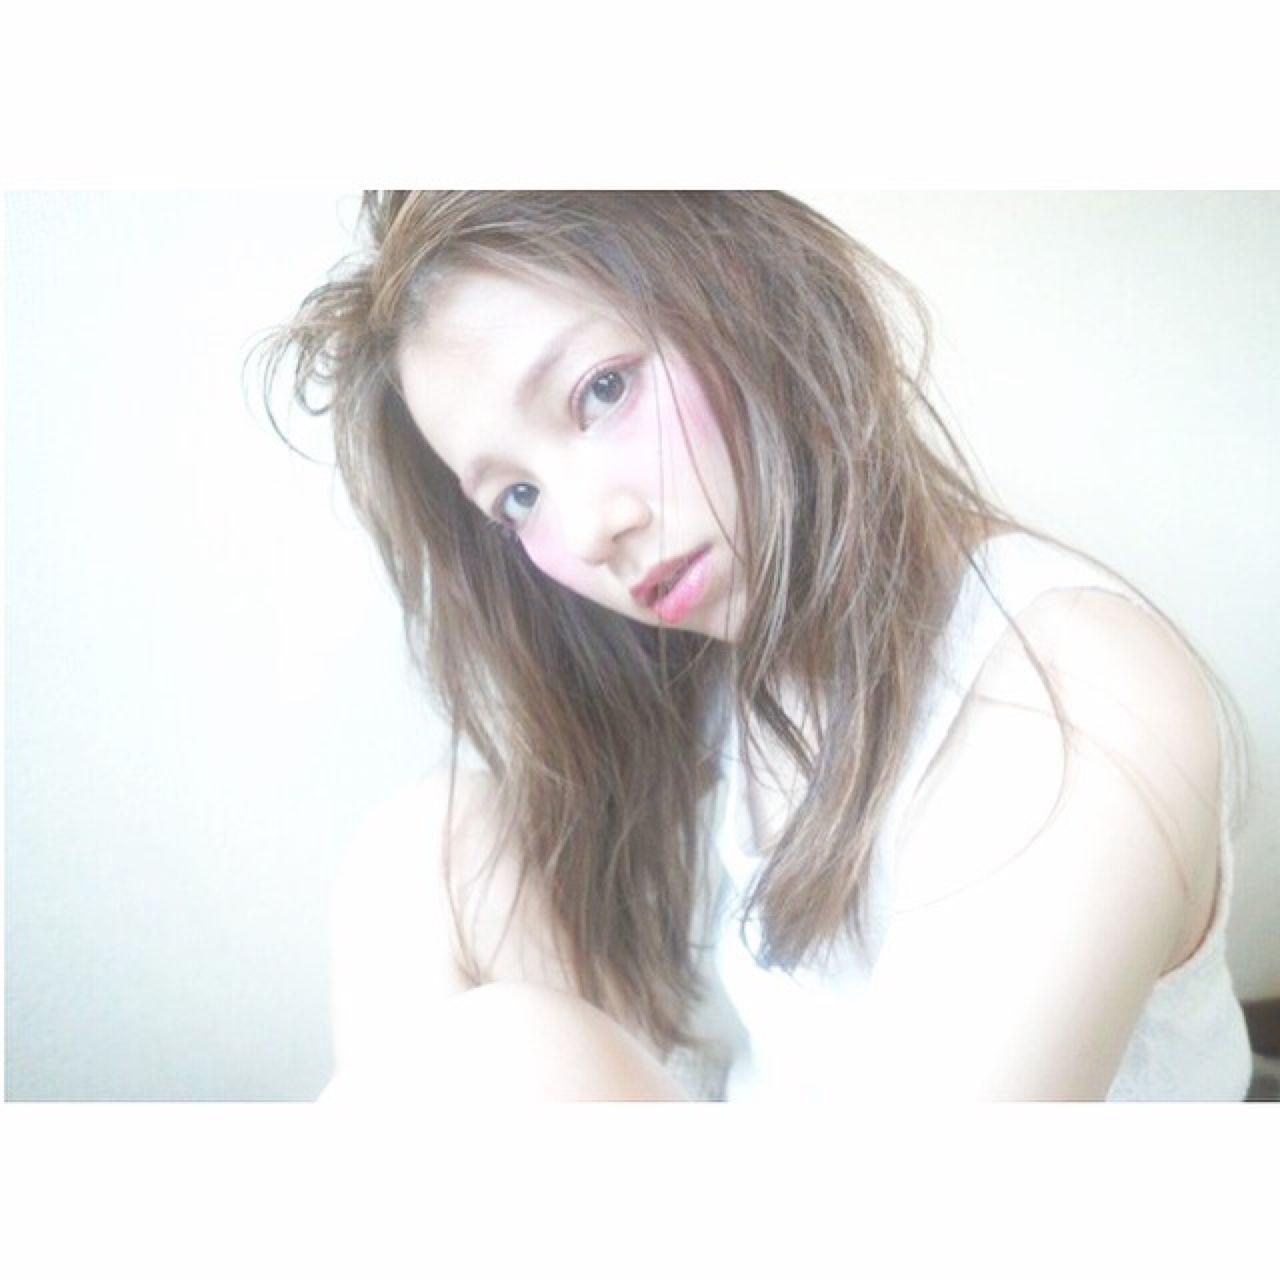 女の子はいつでも完璧でいたい。色落ちに悩むあなたへ。 kyohei shinmura / PAA